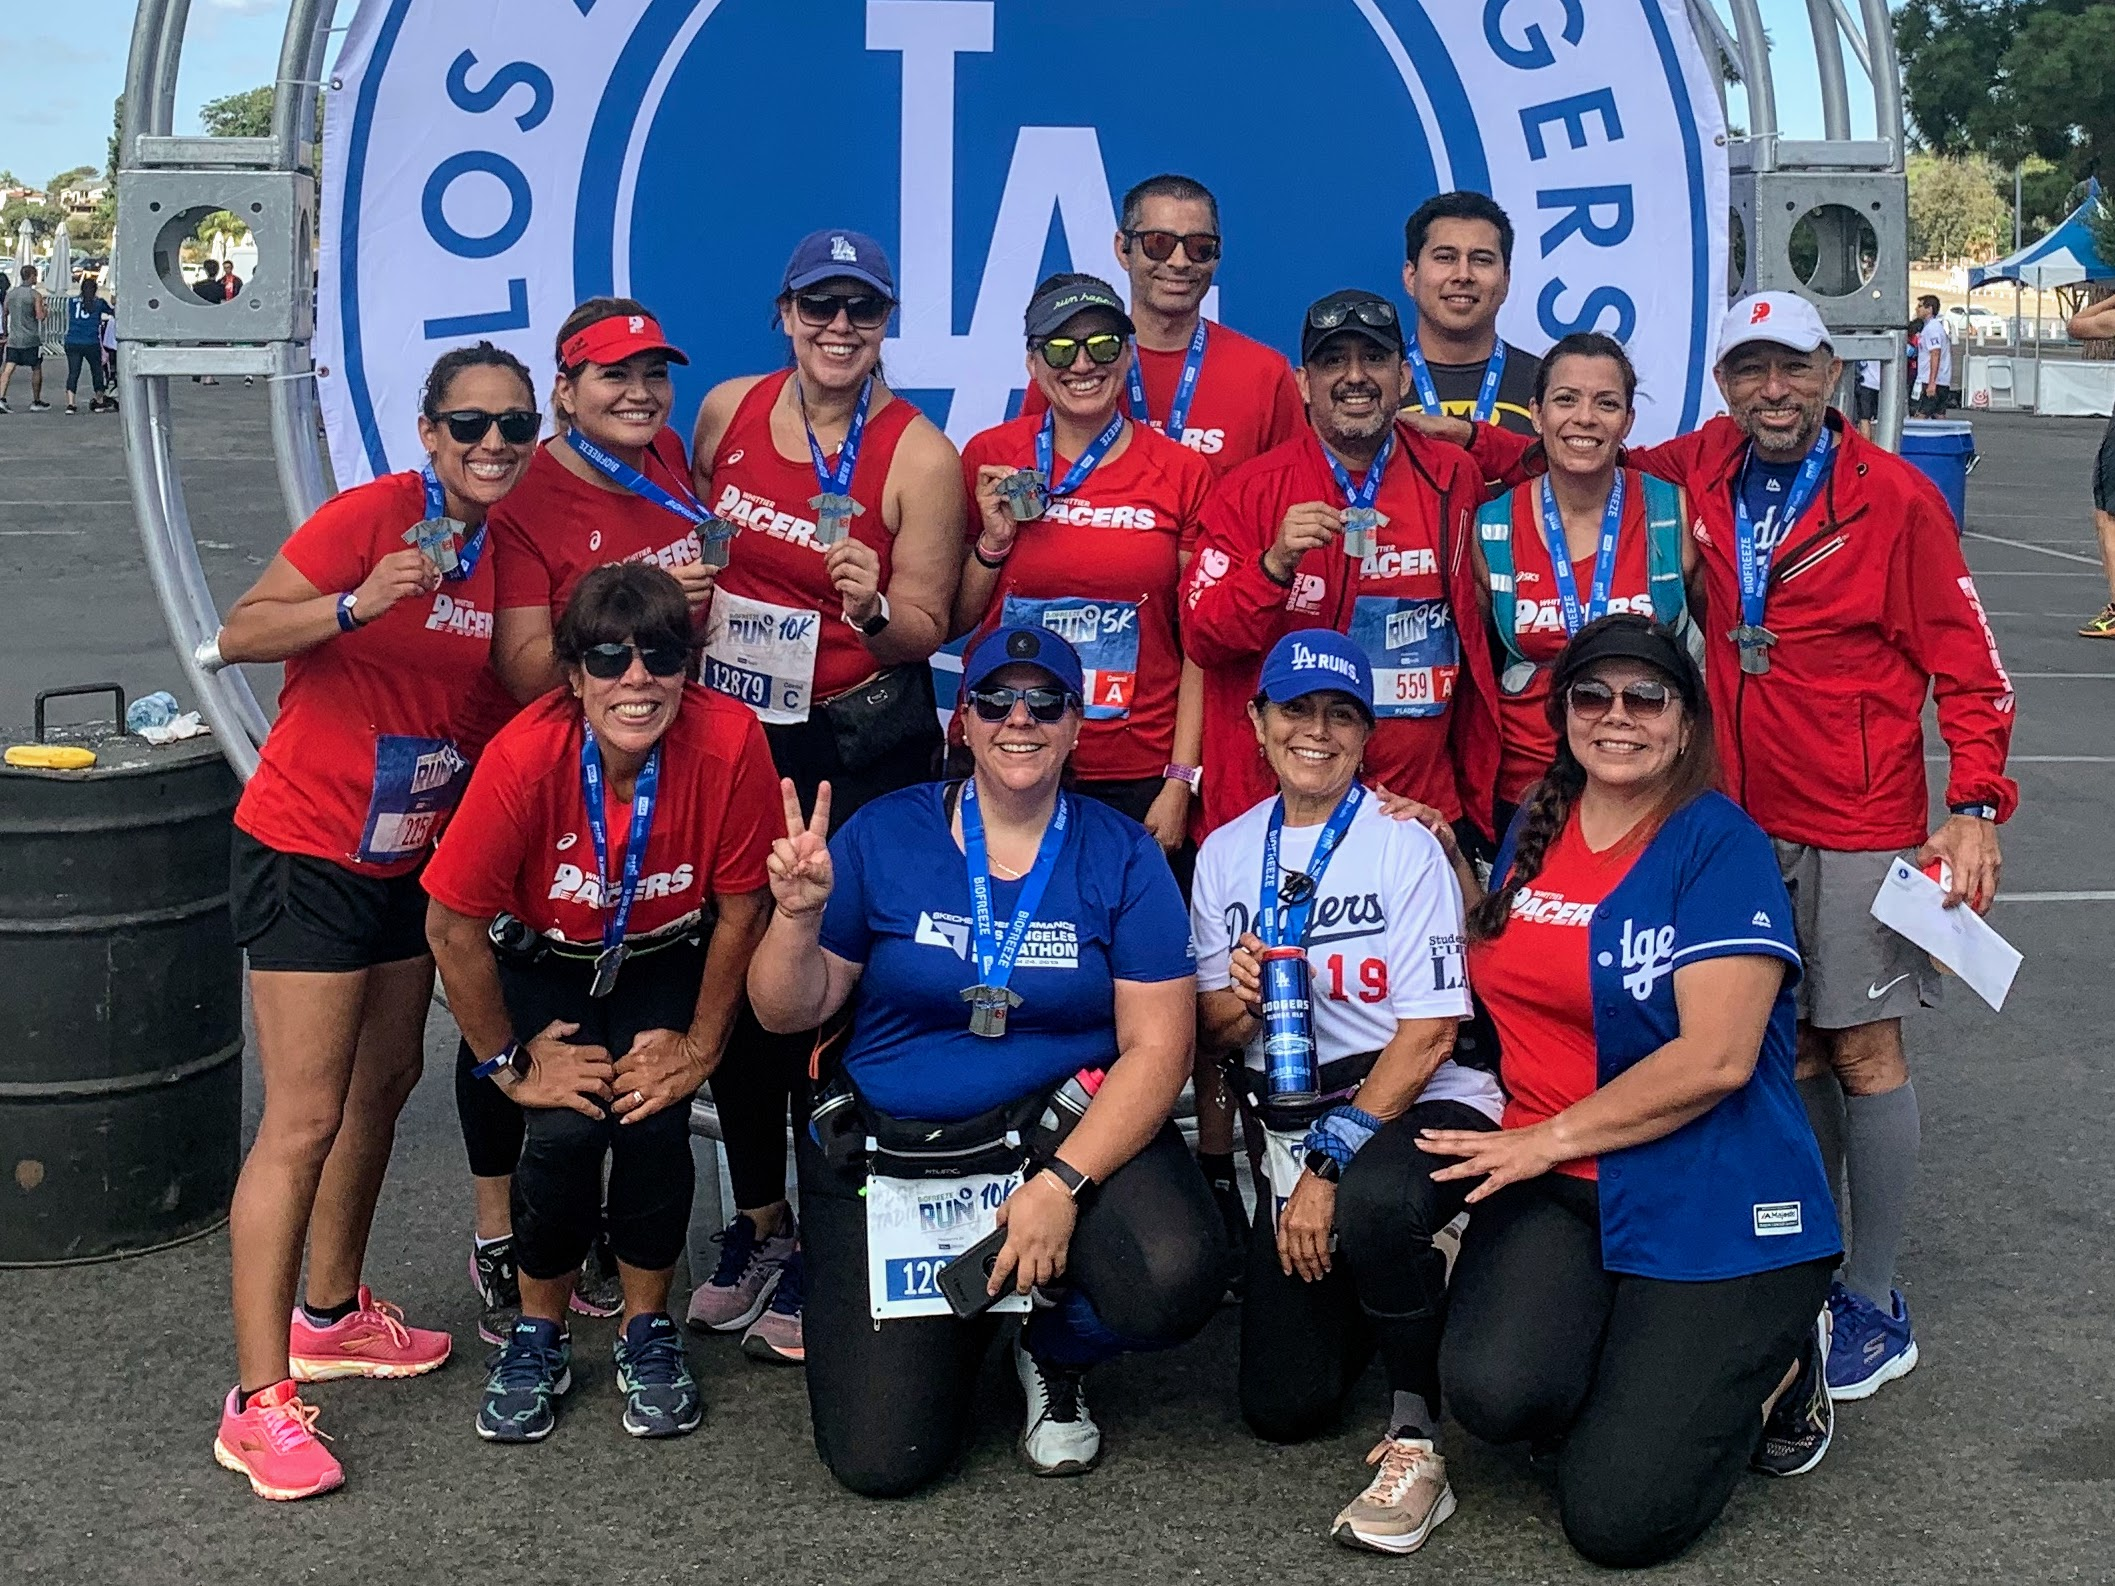 2019 Dodgers Foundation 5K/10K